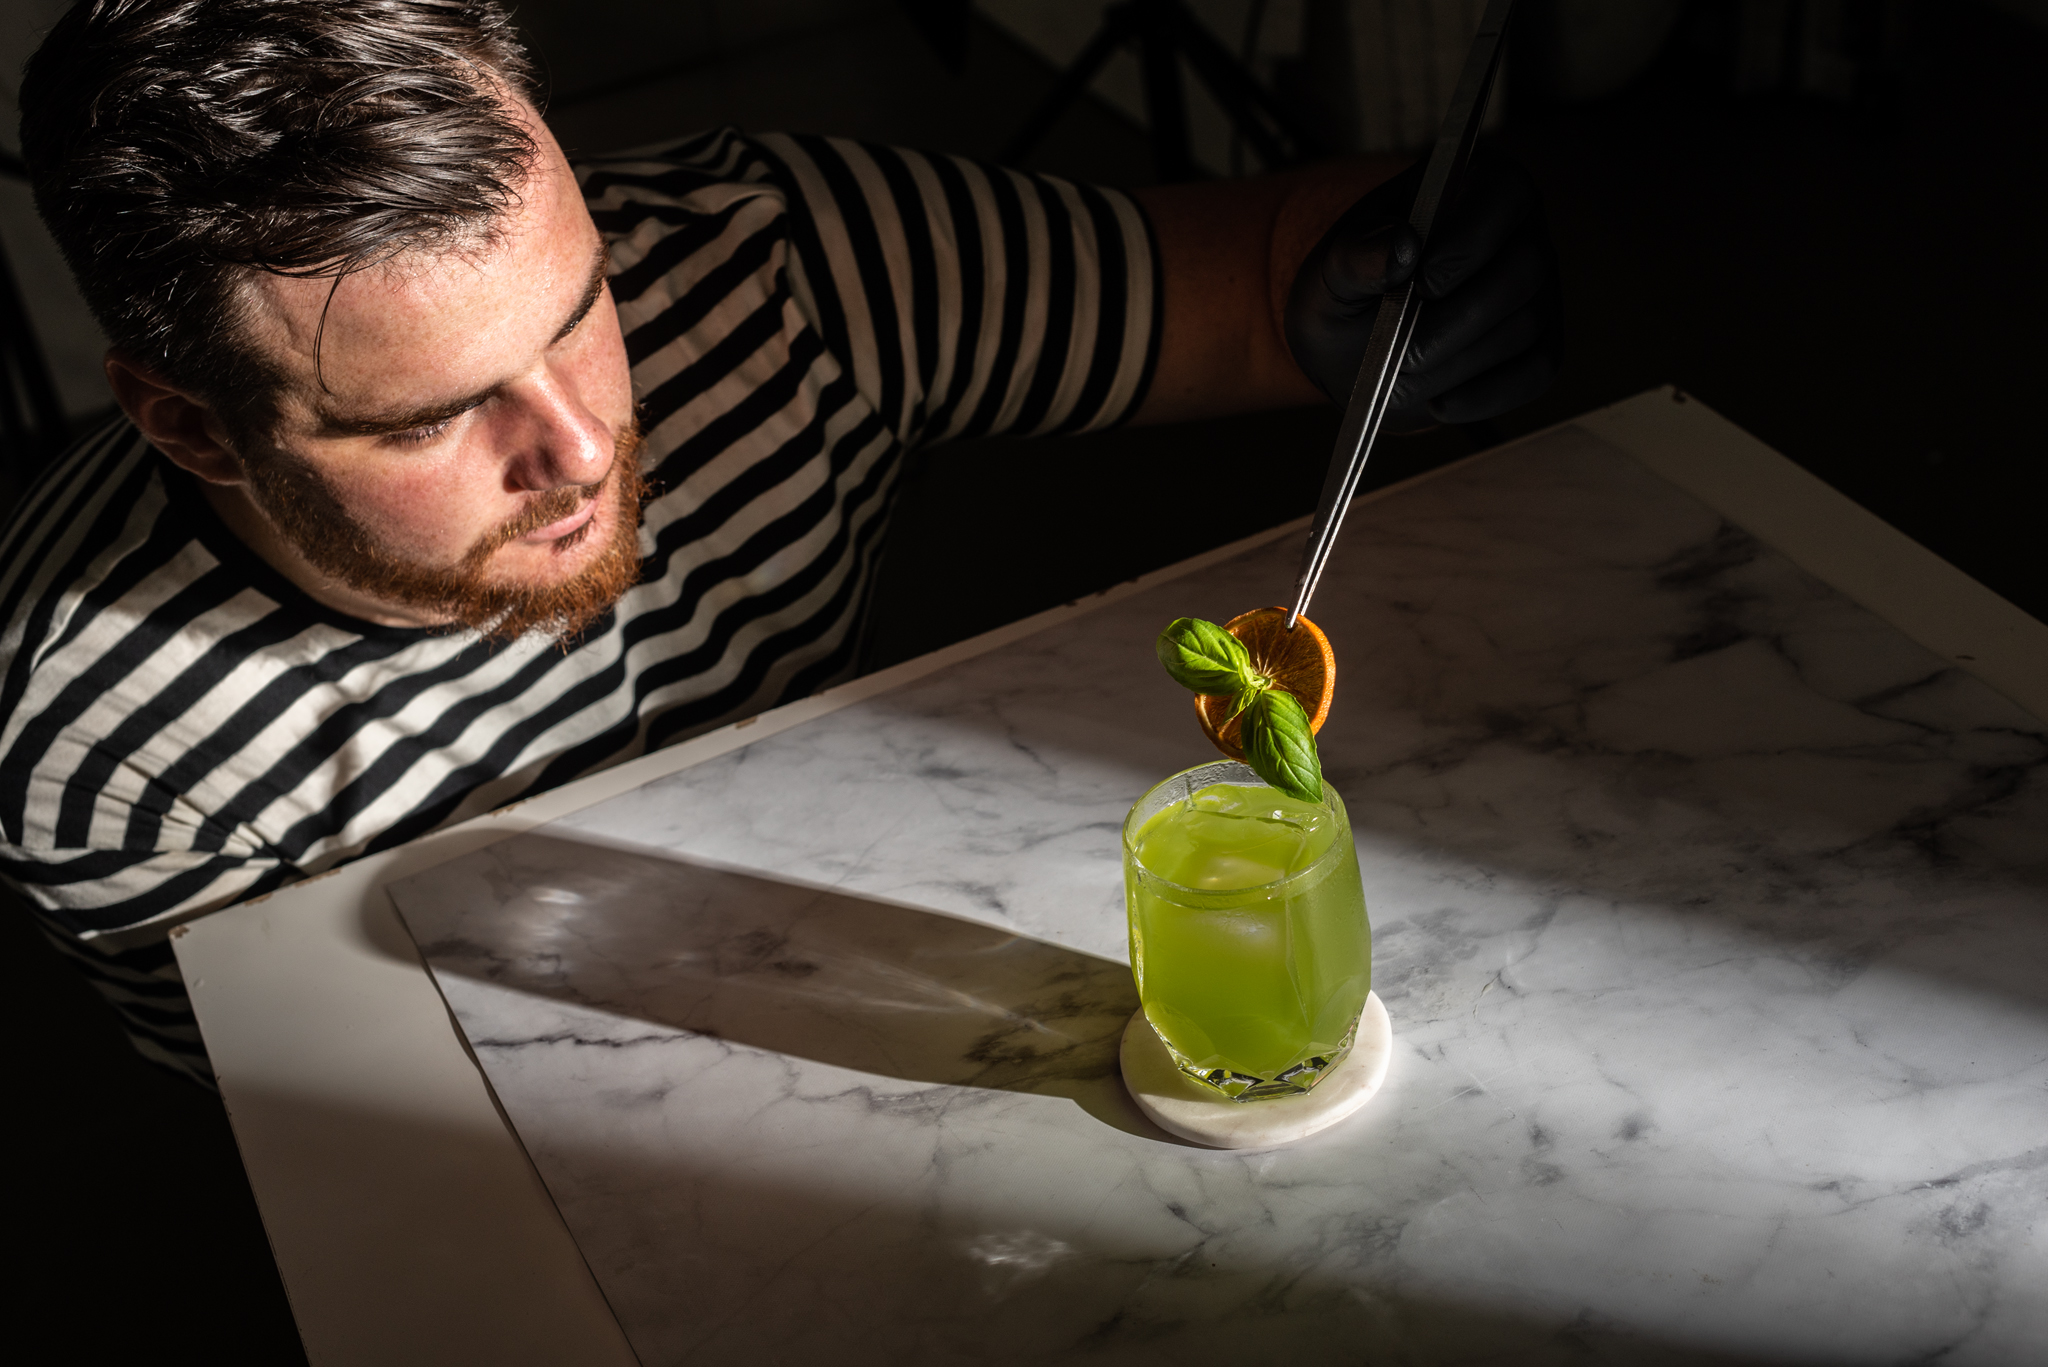 Fluére: alkoholmentes párlat, promóció, ügynökség, mocktail, koktél, itallap, perfect serve, heythere